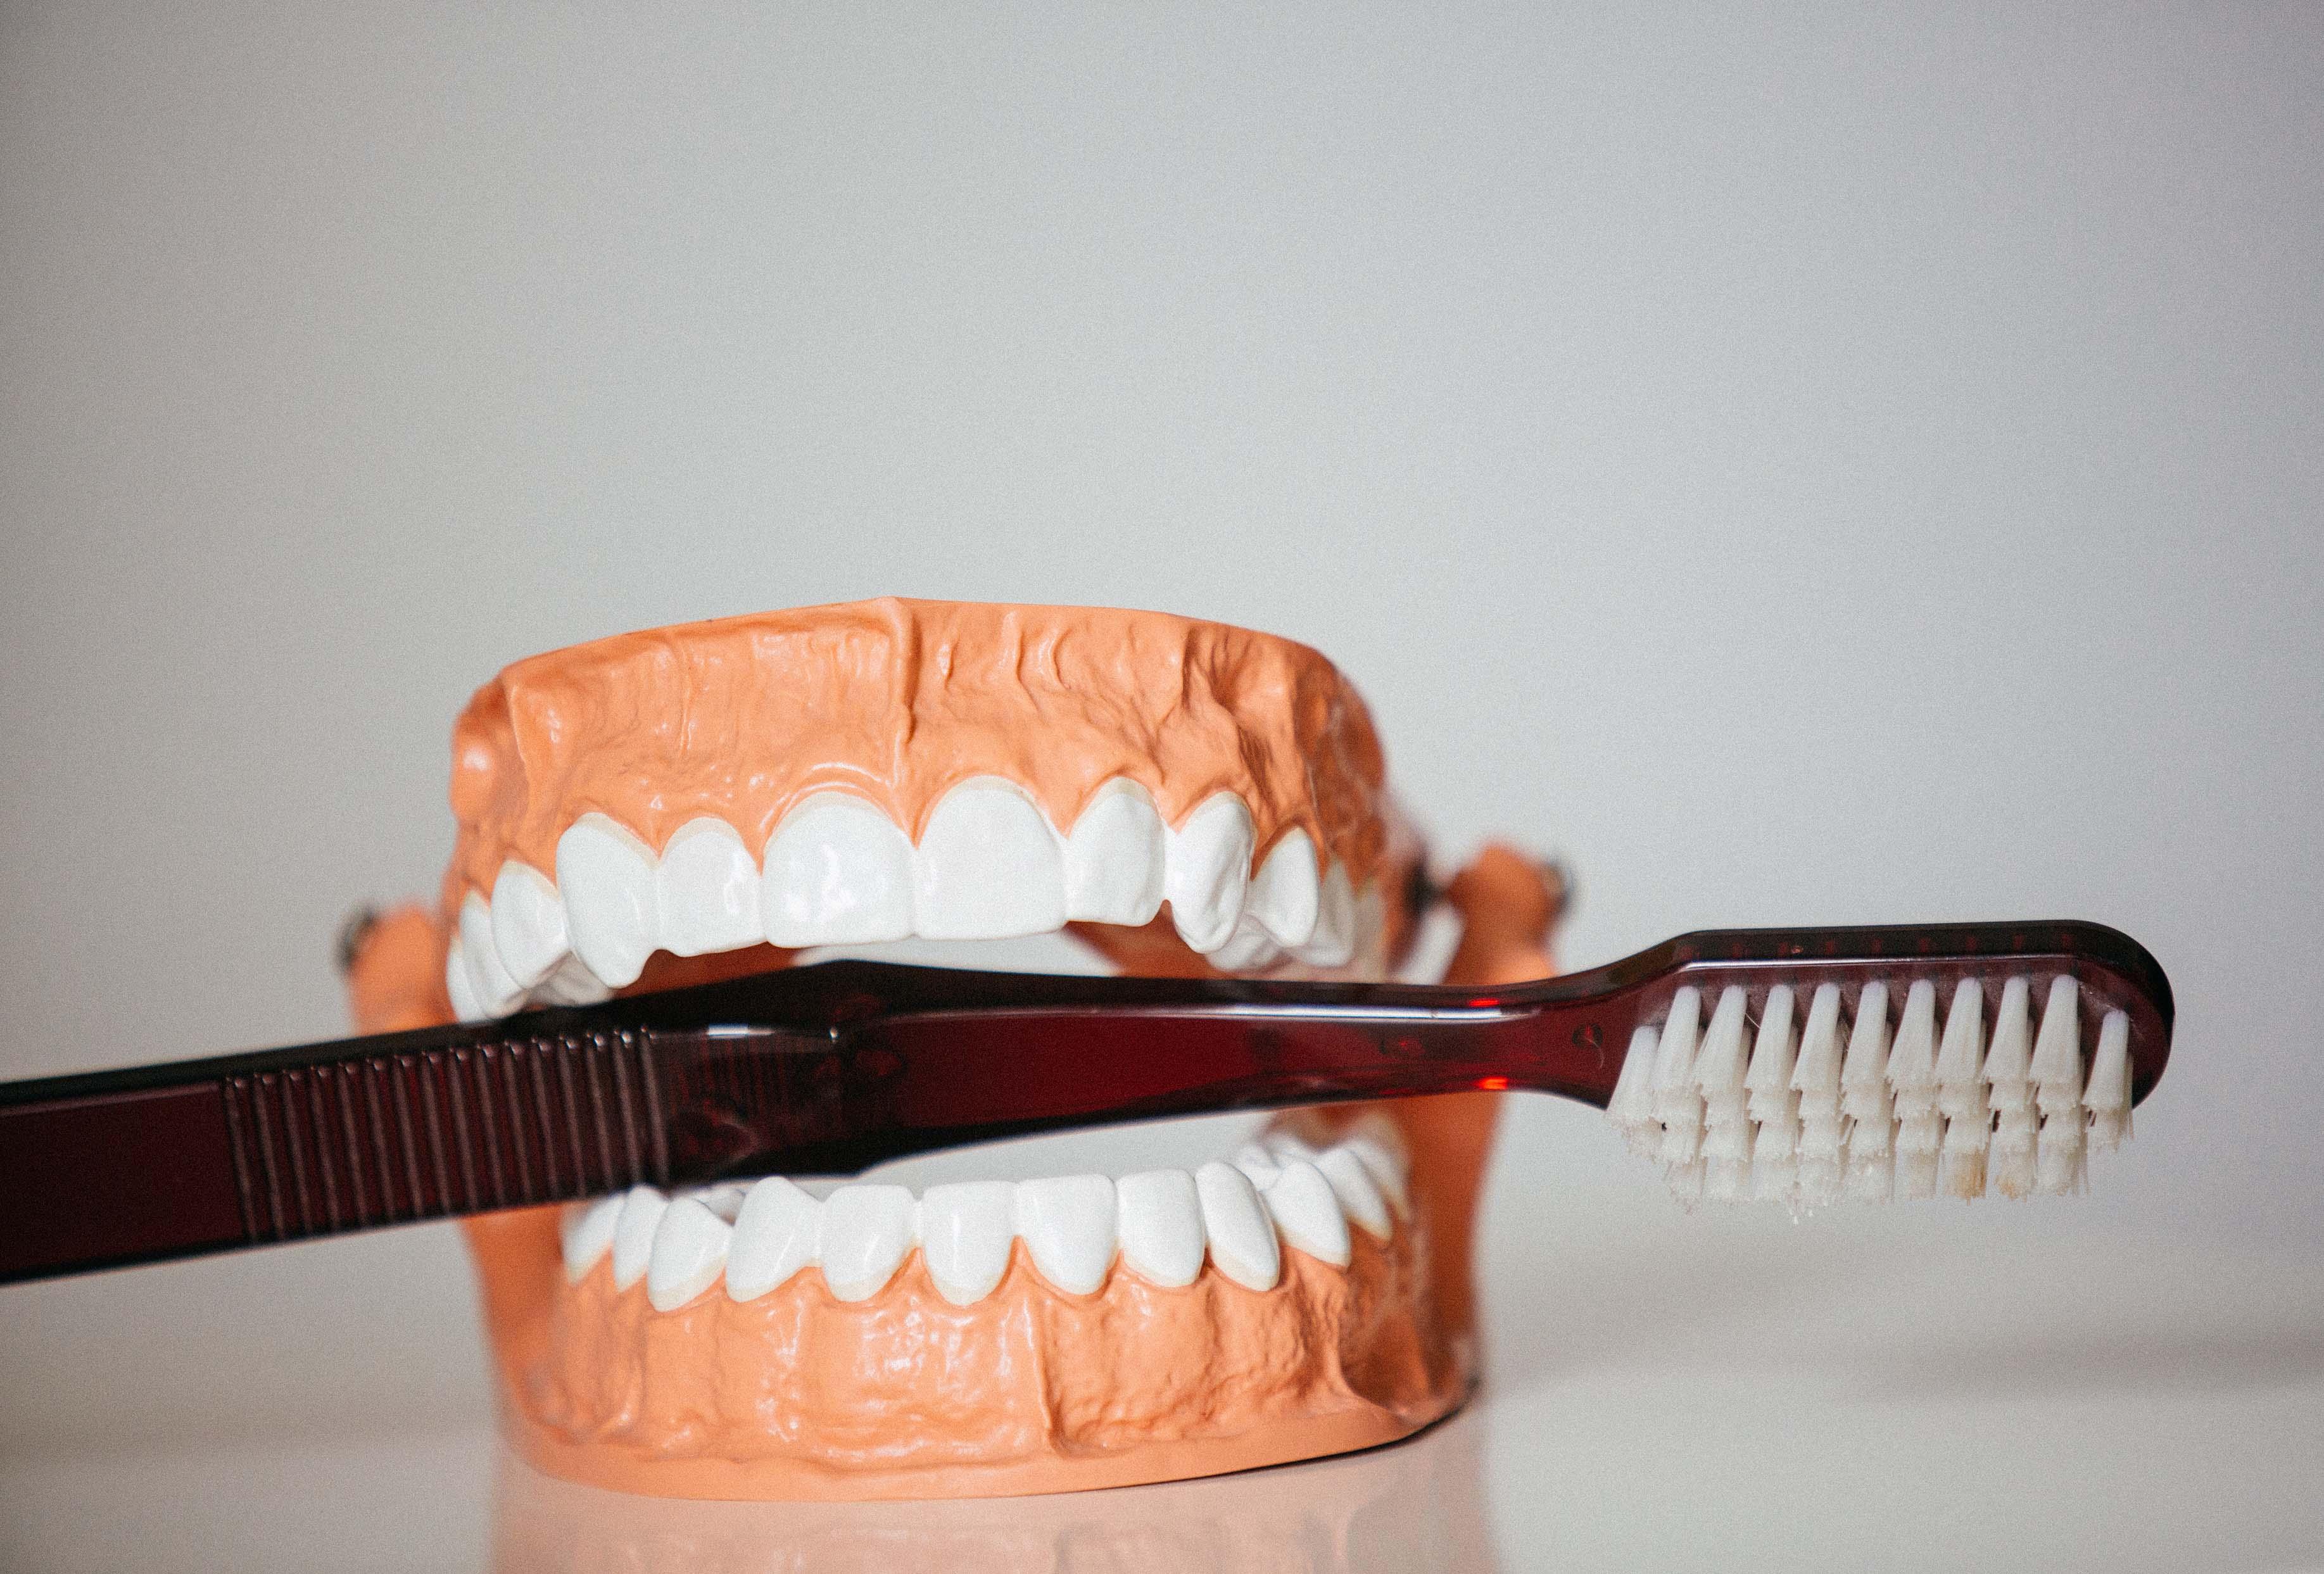 Zahnarzt Dr. Diete Praxis Bild 14